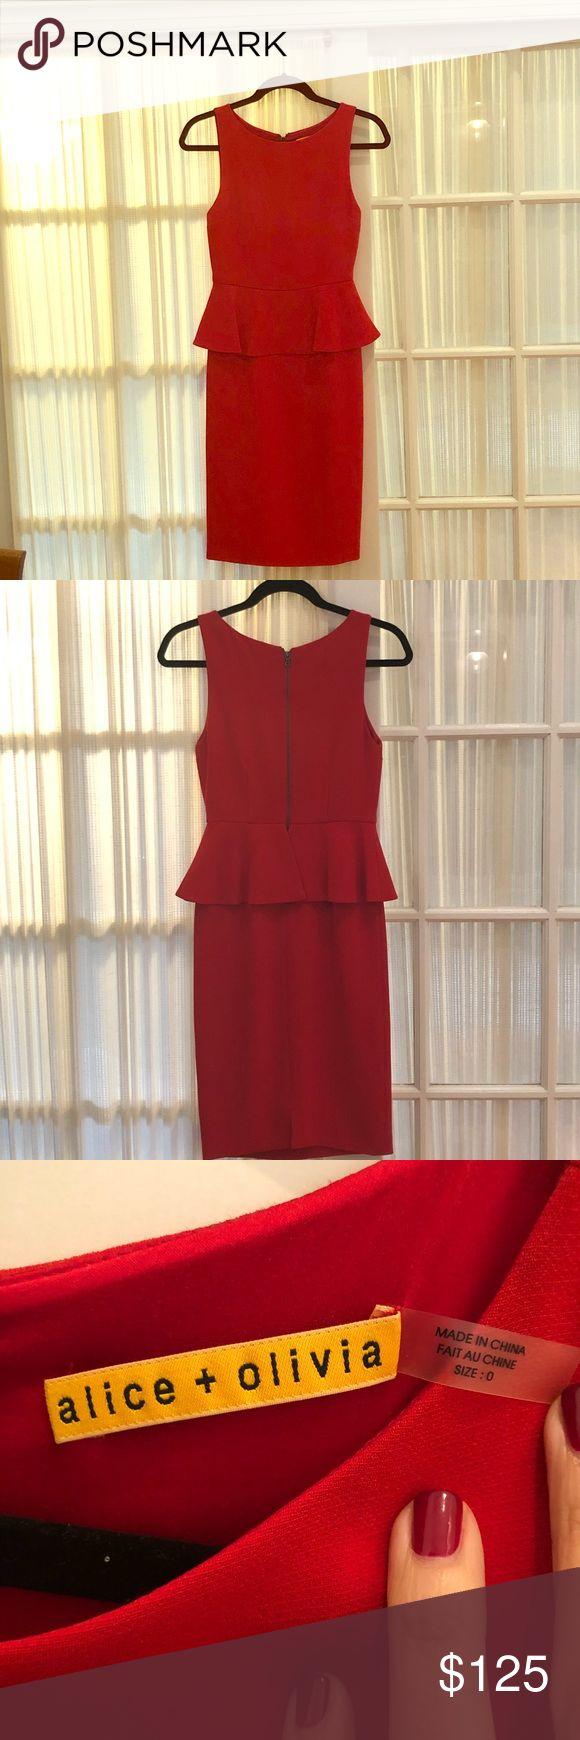 Alice & Olivia Red Peplum Dress Size 0, red Peplum dress Alice + Olivia Dresses Mini